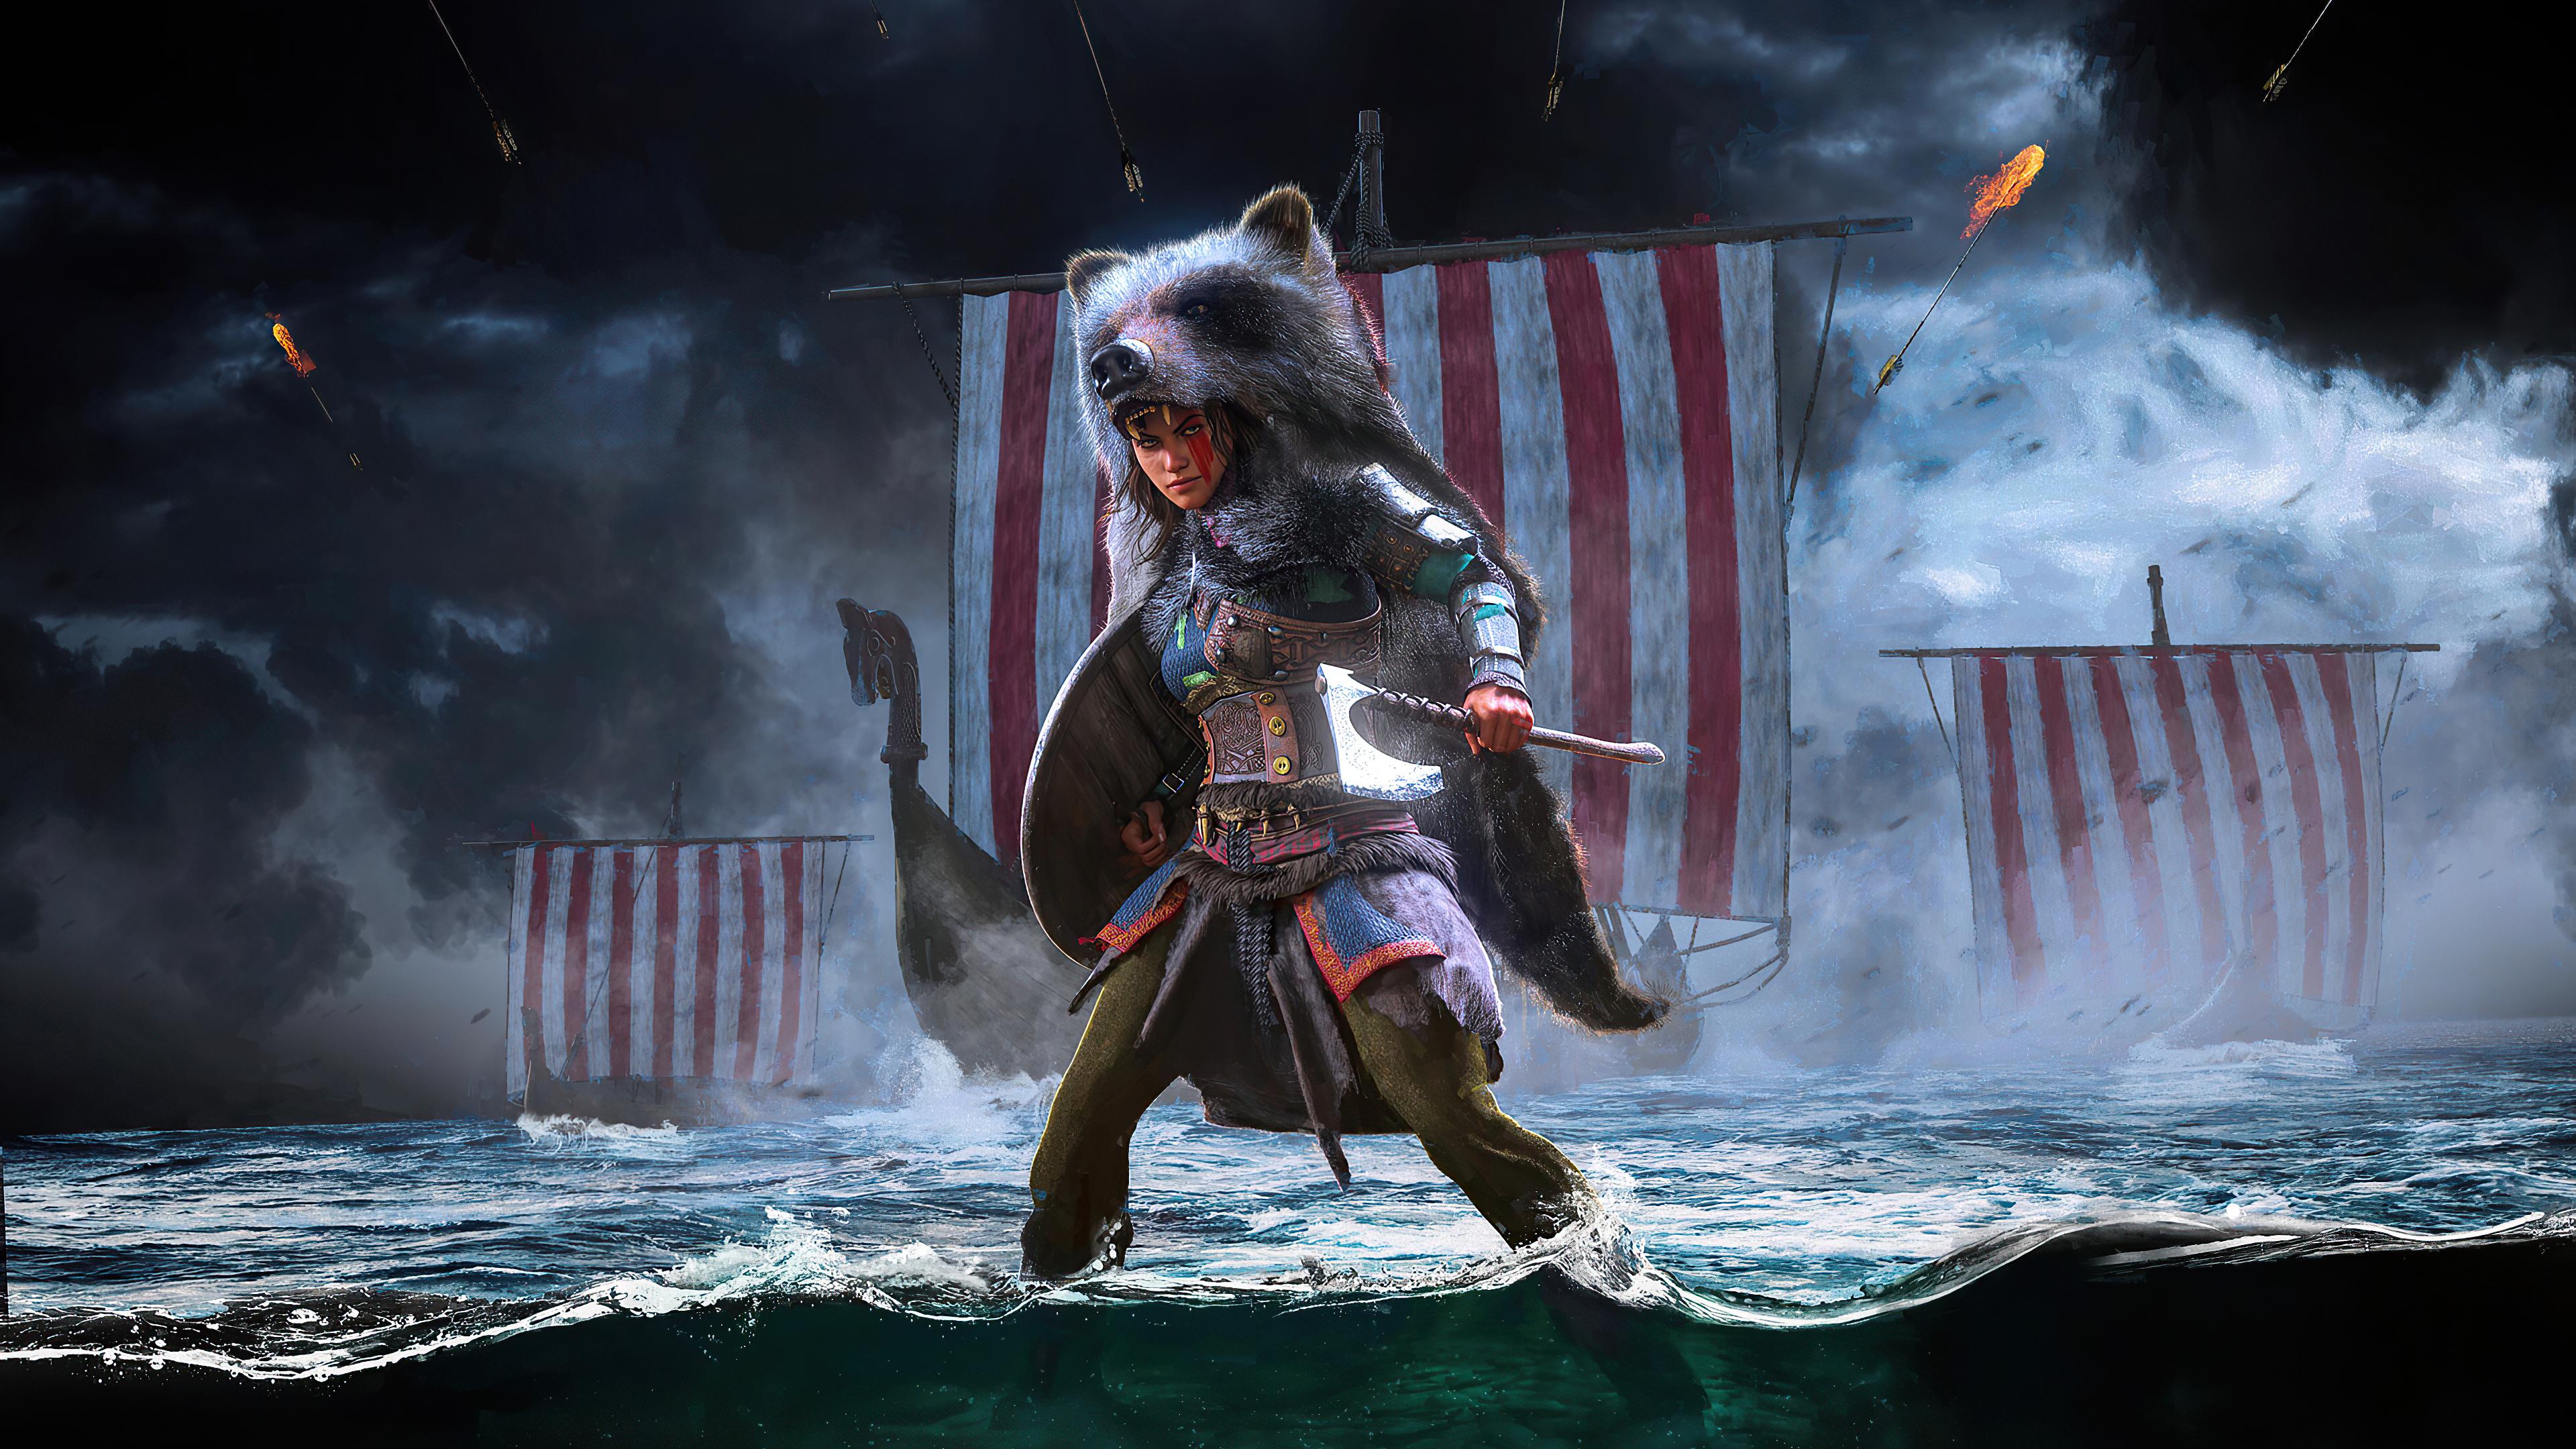 assassins creed valhalla queen 2020 4k 1604867609 - Assassins Creed Valhalla Queen 2020 4k - Assassins Creed Valhalla Queen 2020 4k wallpapers